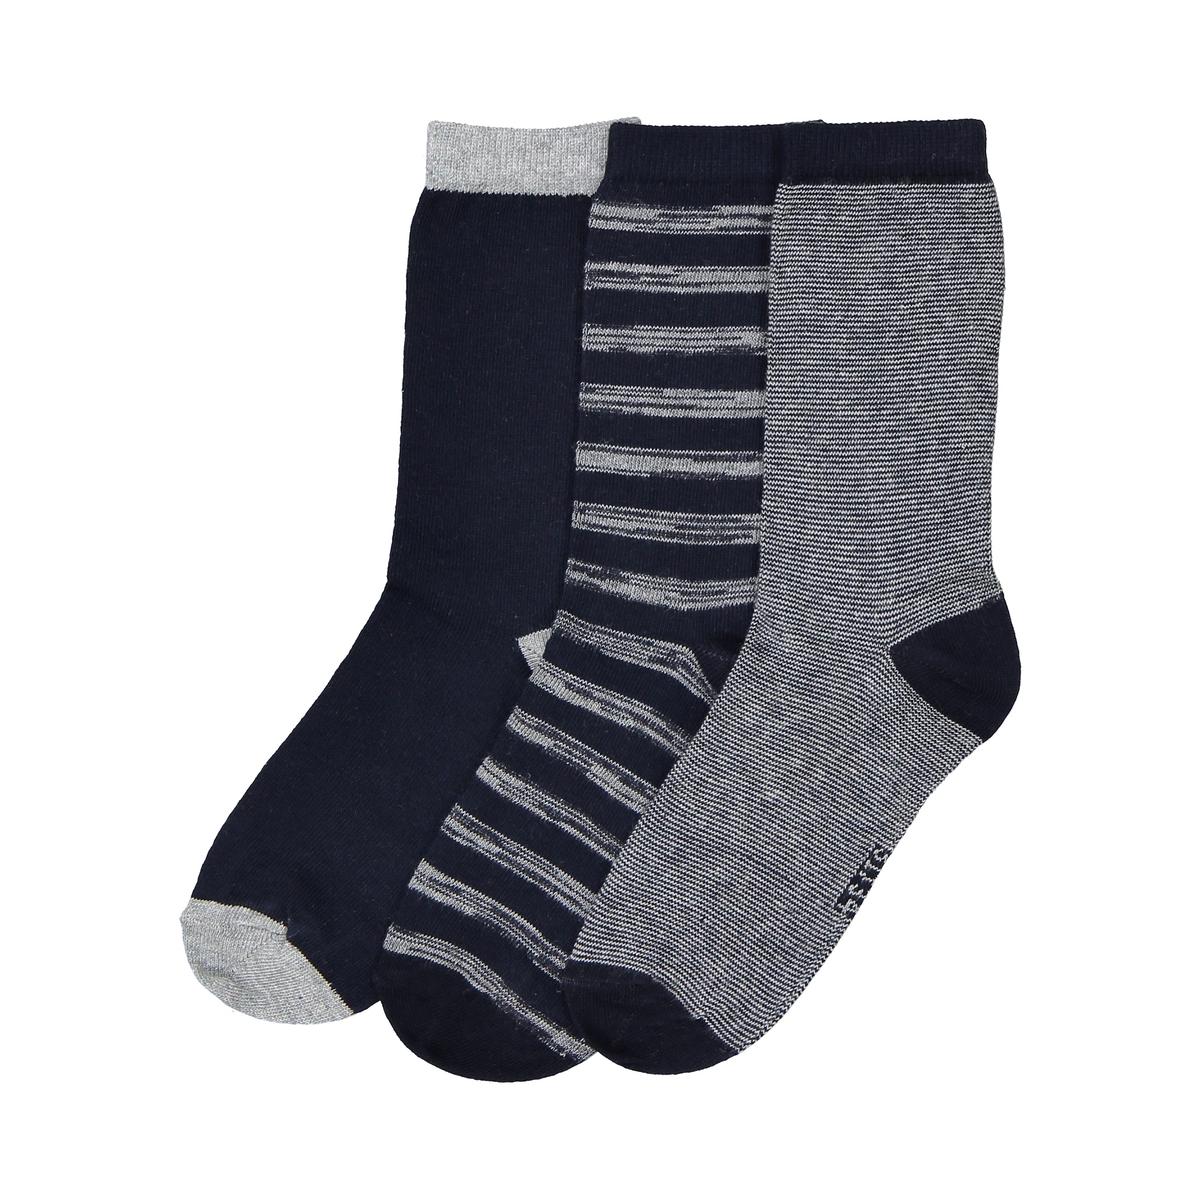 Носки высокие, оригинальные, комплект из 3 парОписание:Комплект из 3 пар высоких стильных носков  носки в полоску, в мелкую полоску и однотонные несомненно стоит приобрести... !Состав и описание :Комплект из 3 пар высоких носков: 1 пара в мелкую полосу, 1 пара в полосу с потёртым эффектом, 1 однотонная пара  Материал : 74 % хлопка, 25% полиамида, 1% эластанаУход :Машинная стирка при  30°C с вещами подобных цветов.Стирать, сушить и гладить с изнаночной стороны.Машинная сушка на умеренном режиме..Гладить при умеренной температуре.<br><br>Цвет: темно-синий/ серый